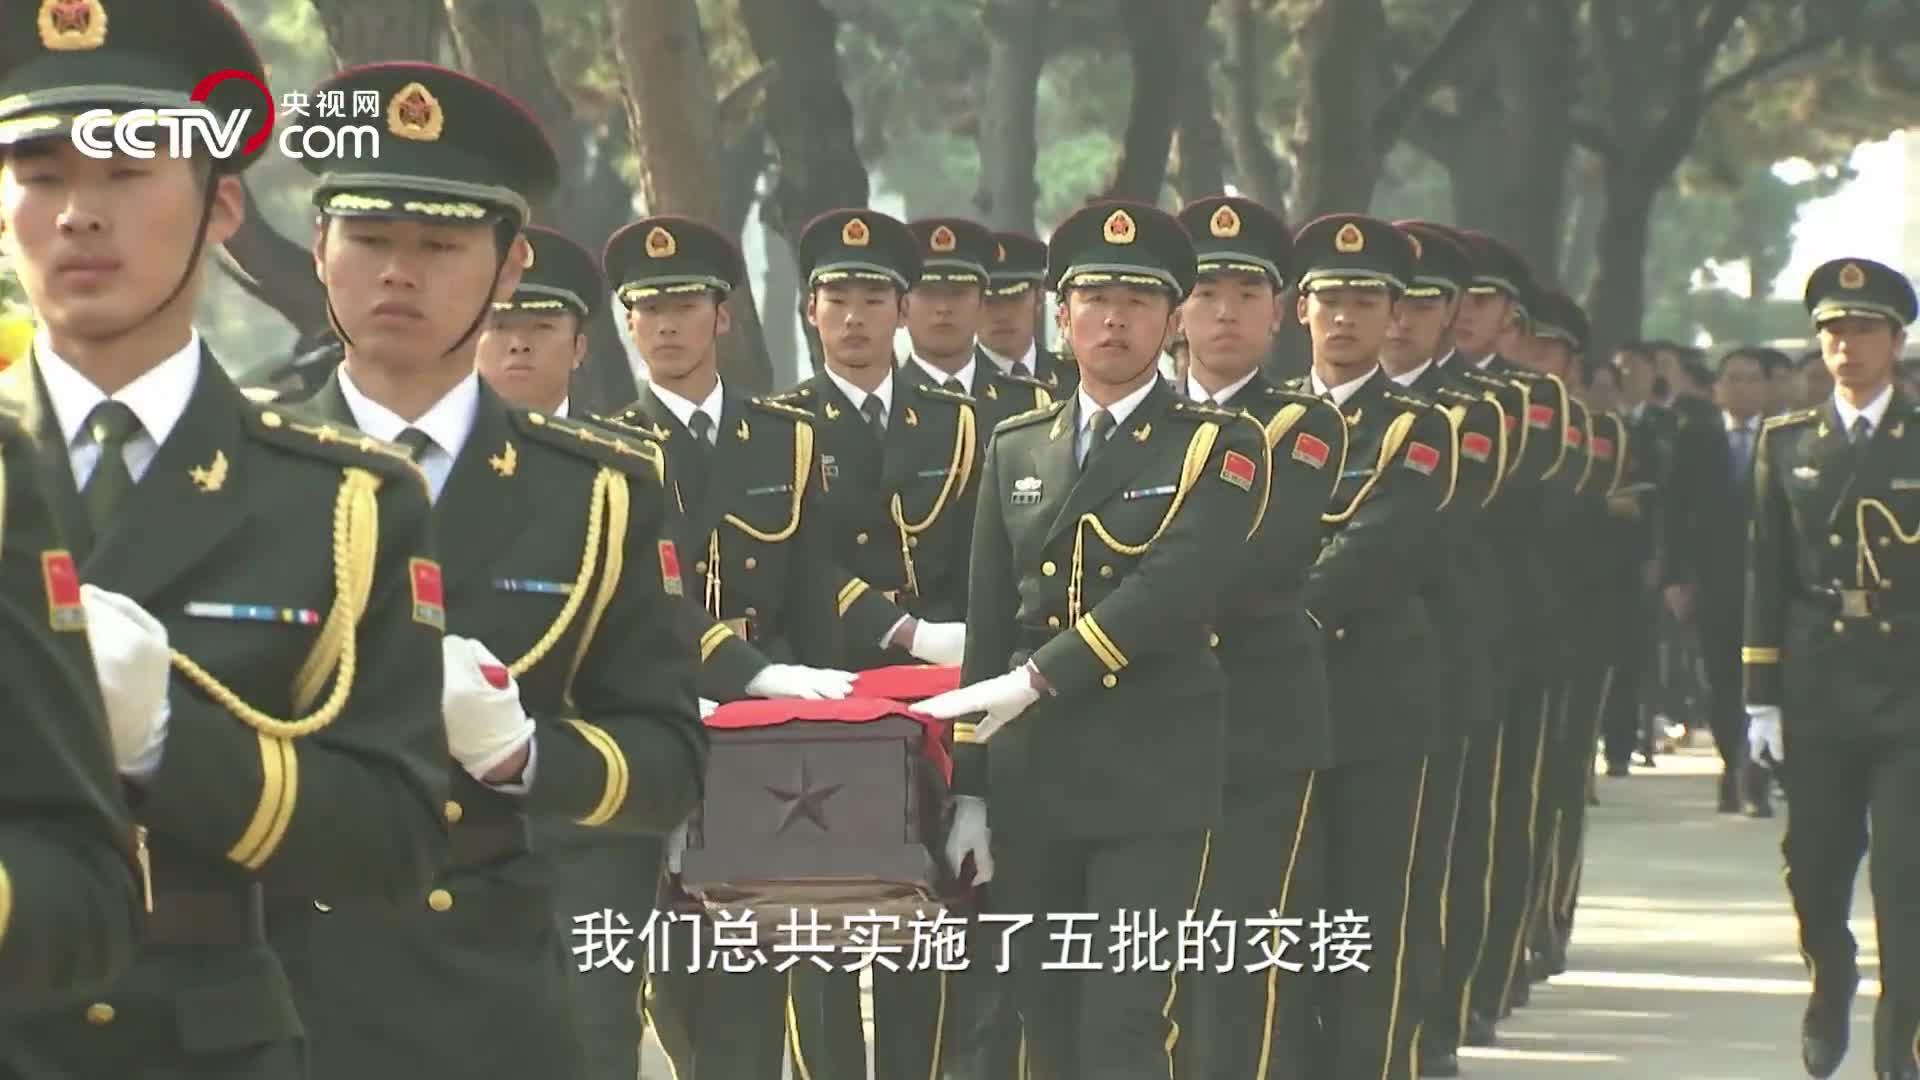 [视频]英雄归来:在韩志愿军烈士遗骸归国历程独家纪实